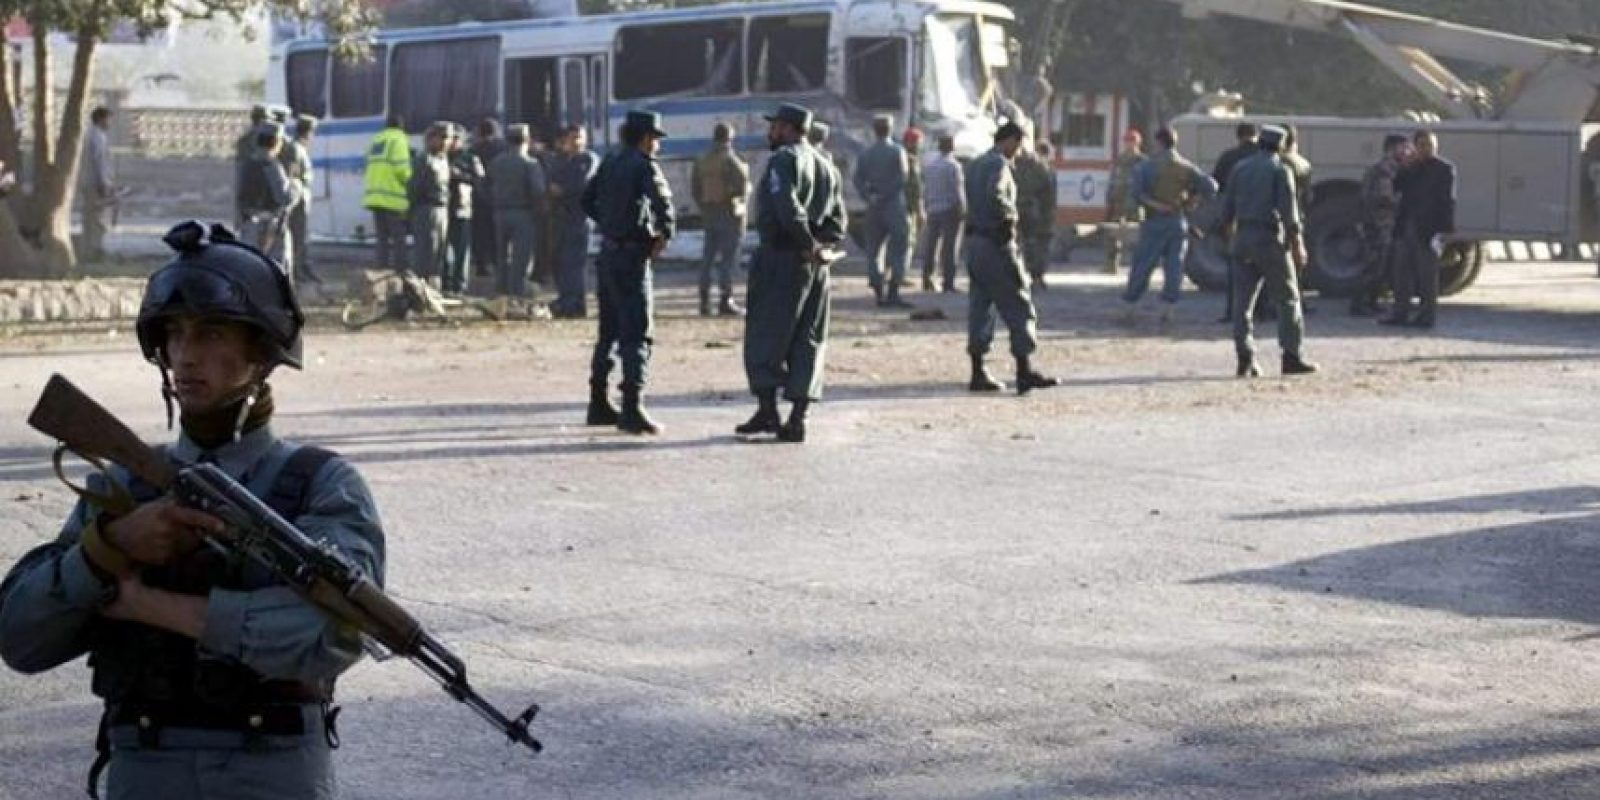 Oficiales de seguridad afganos prestan guardia hoy, miércoles 1 de octubre de 2014, en el lugar donde se presentó un ataque suicida con bomba contra la Armada Nacional de Afganistán, en Kabúl (Afganistán). Al menos tres soldados murieron mientras otros siete fueron reportados heridos. EFE